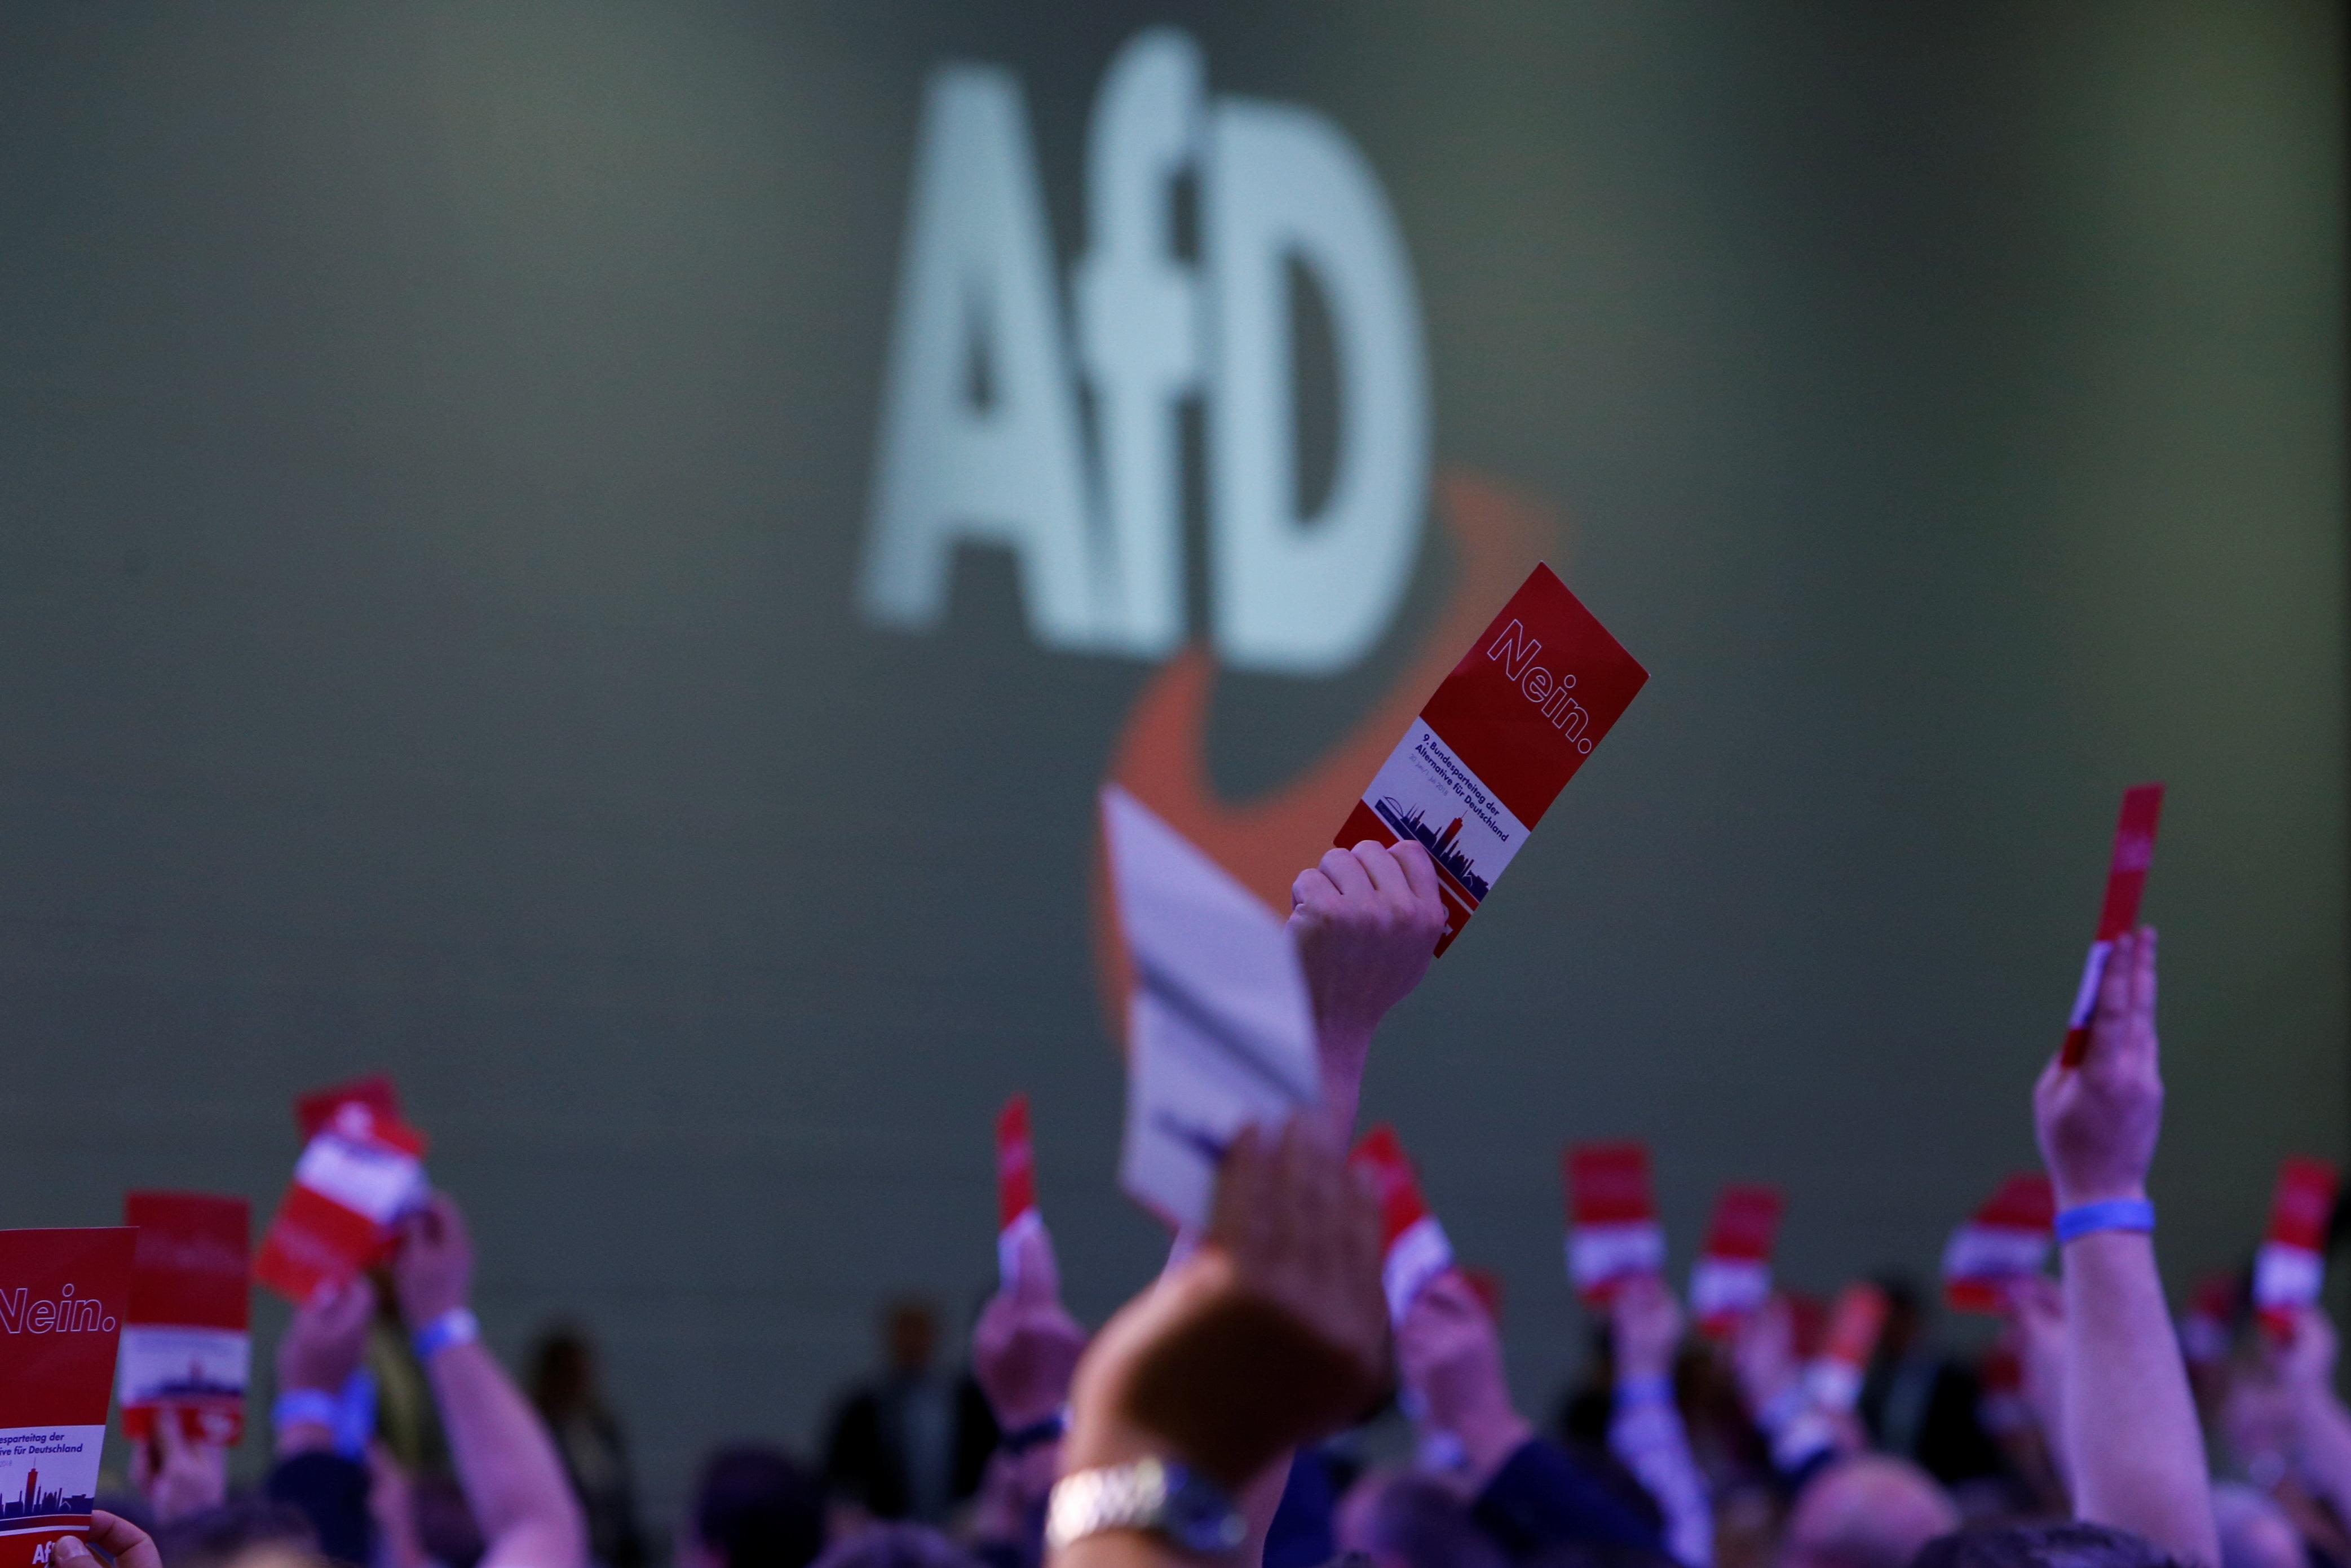 Ηγέτης τοπικής νεολαίας του AfD αποκαλεί «προδότη» τον άνθρωπο που προσπάθησε να δολοφονήσει το